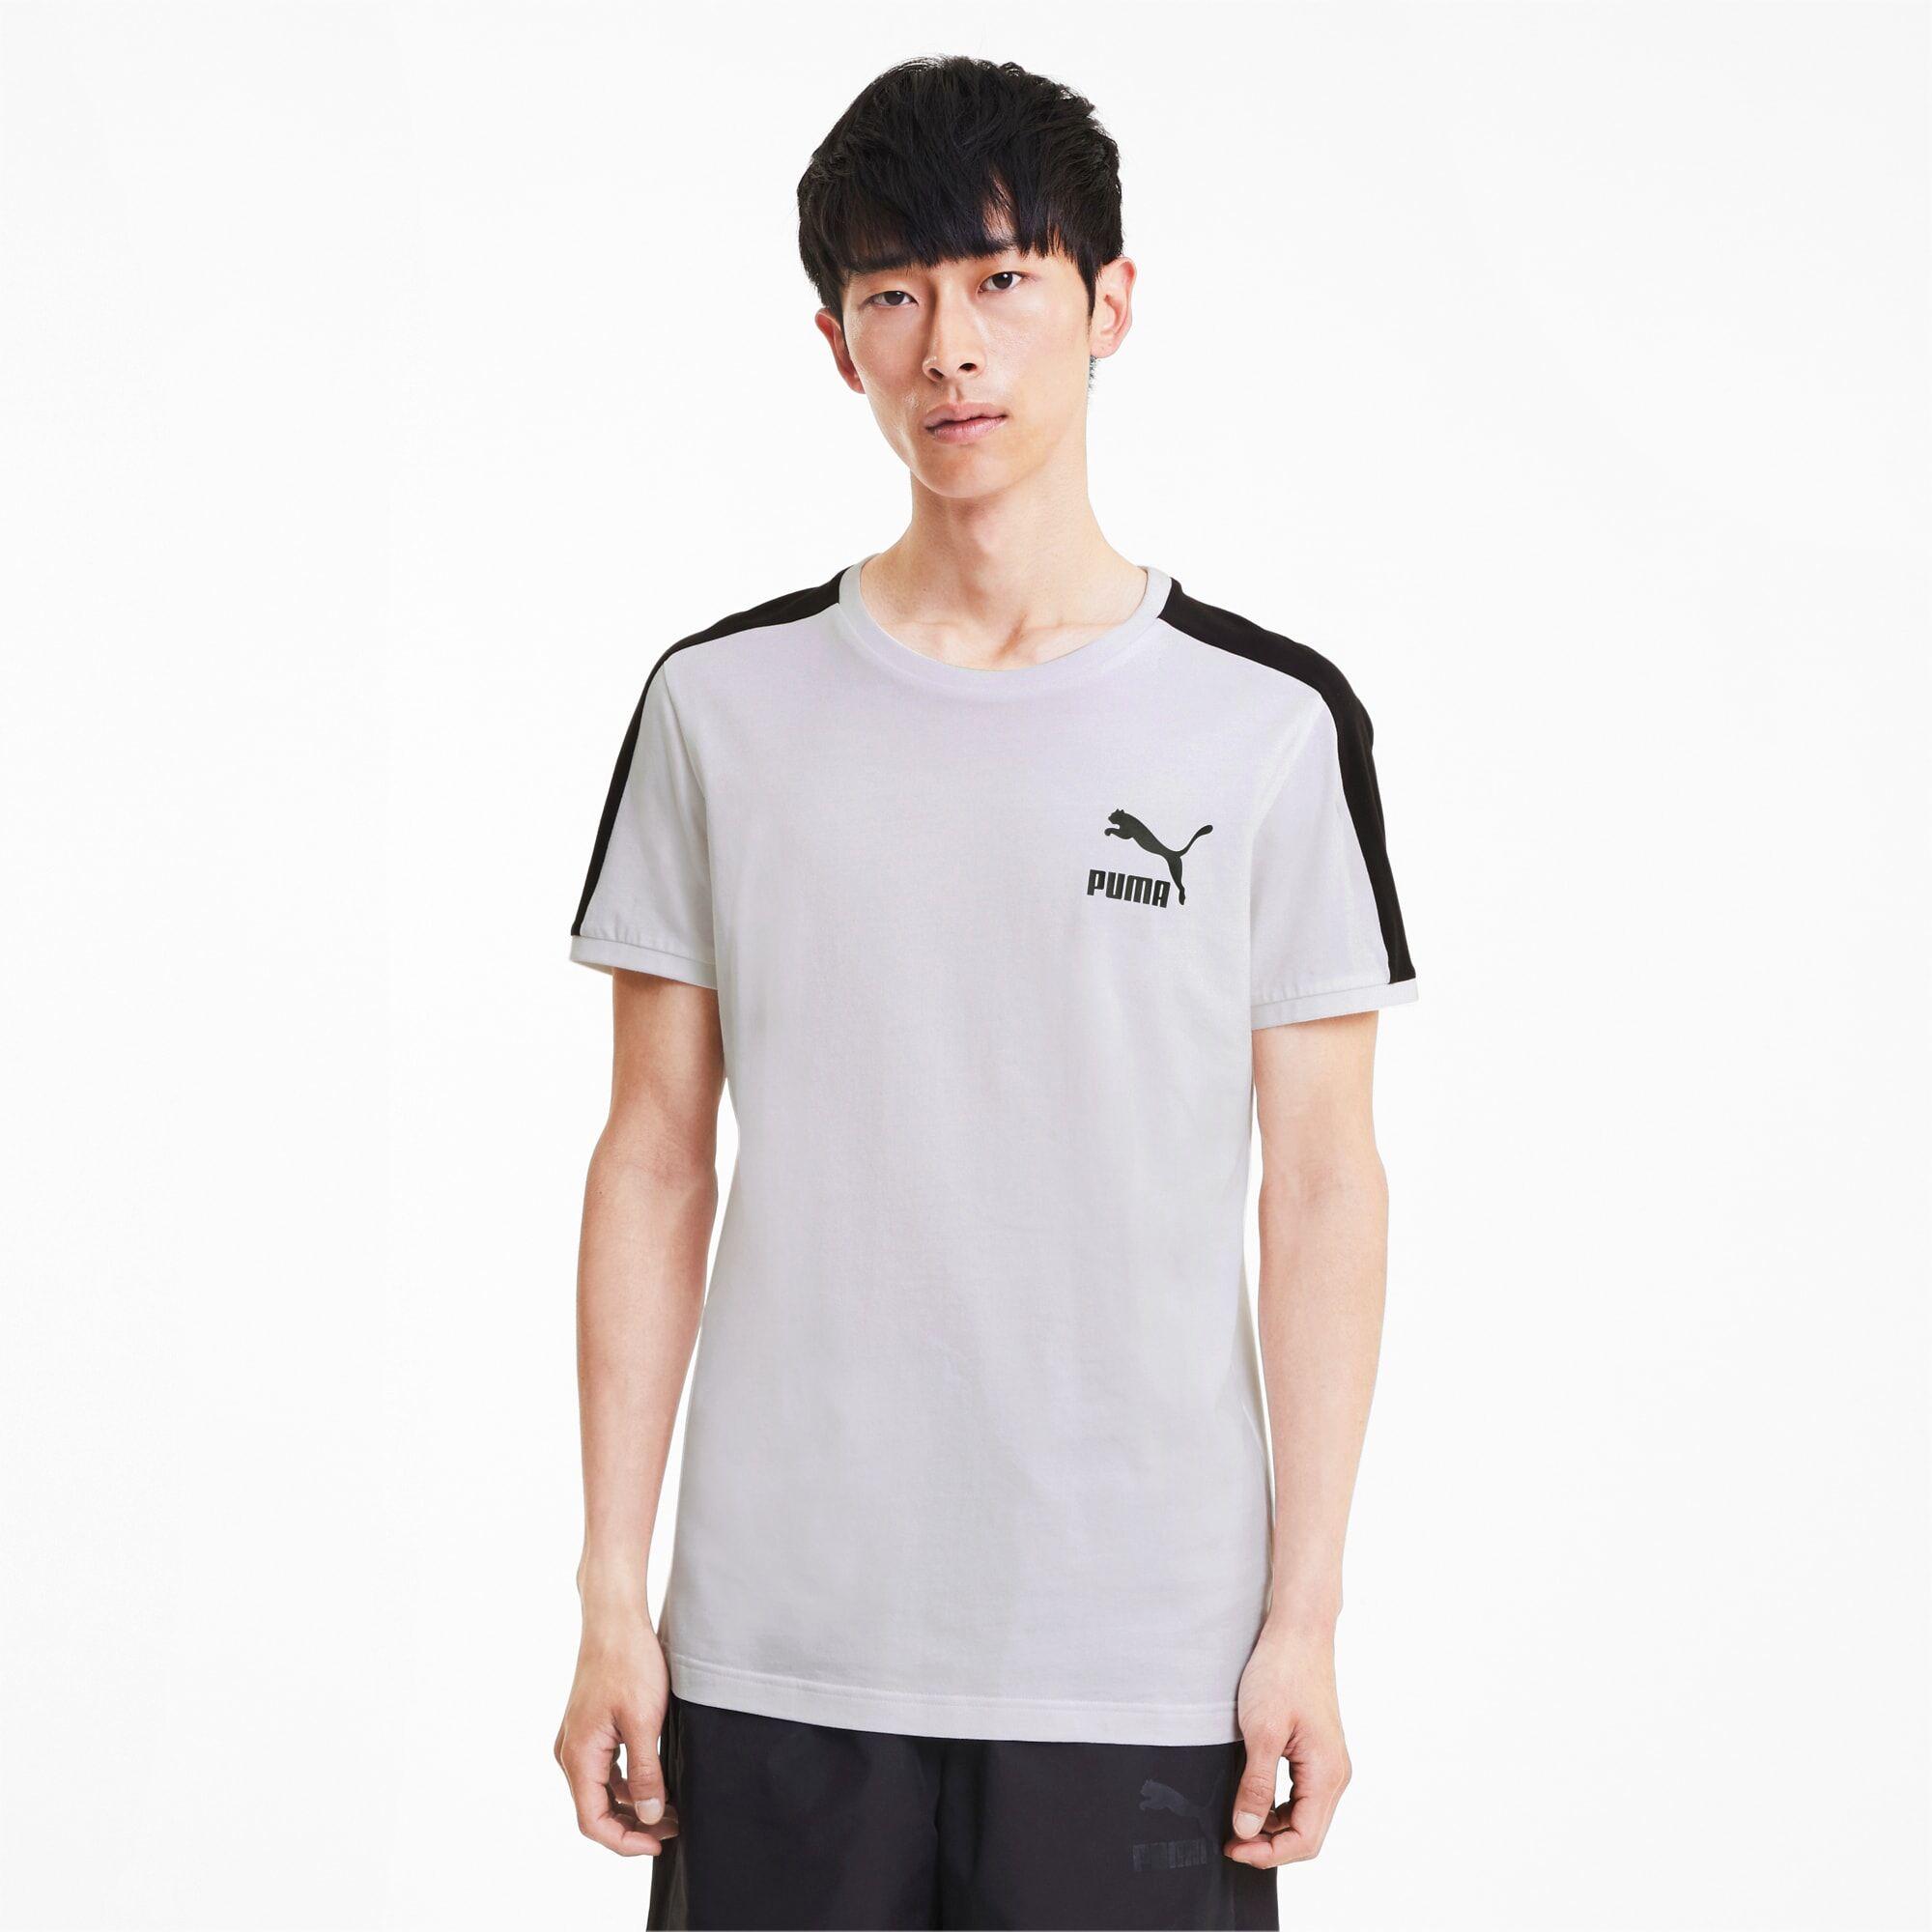 PUMA T-Shirt Iconic T7 Slim pour Homme, Blanc, Taille 4XL, Vêtements